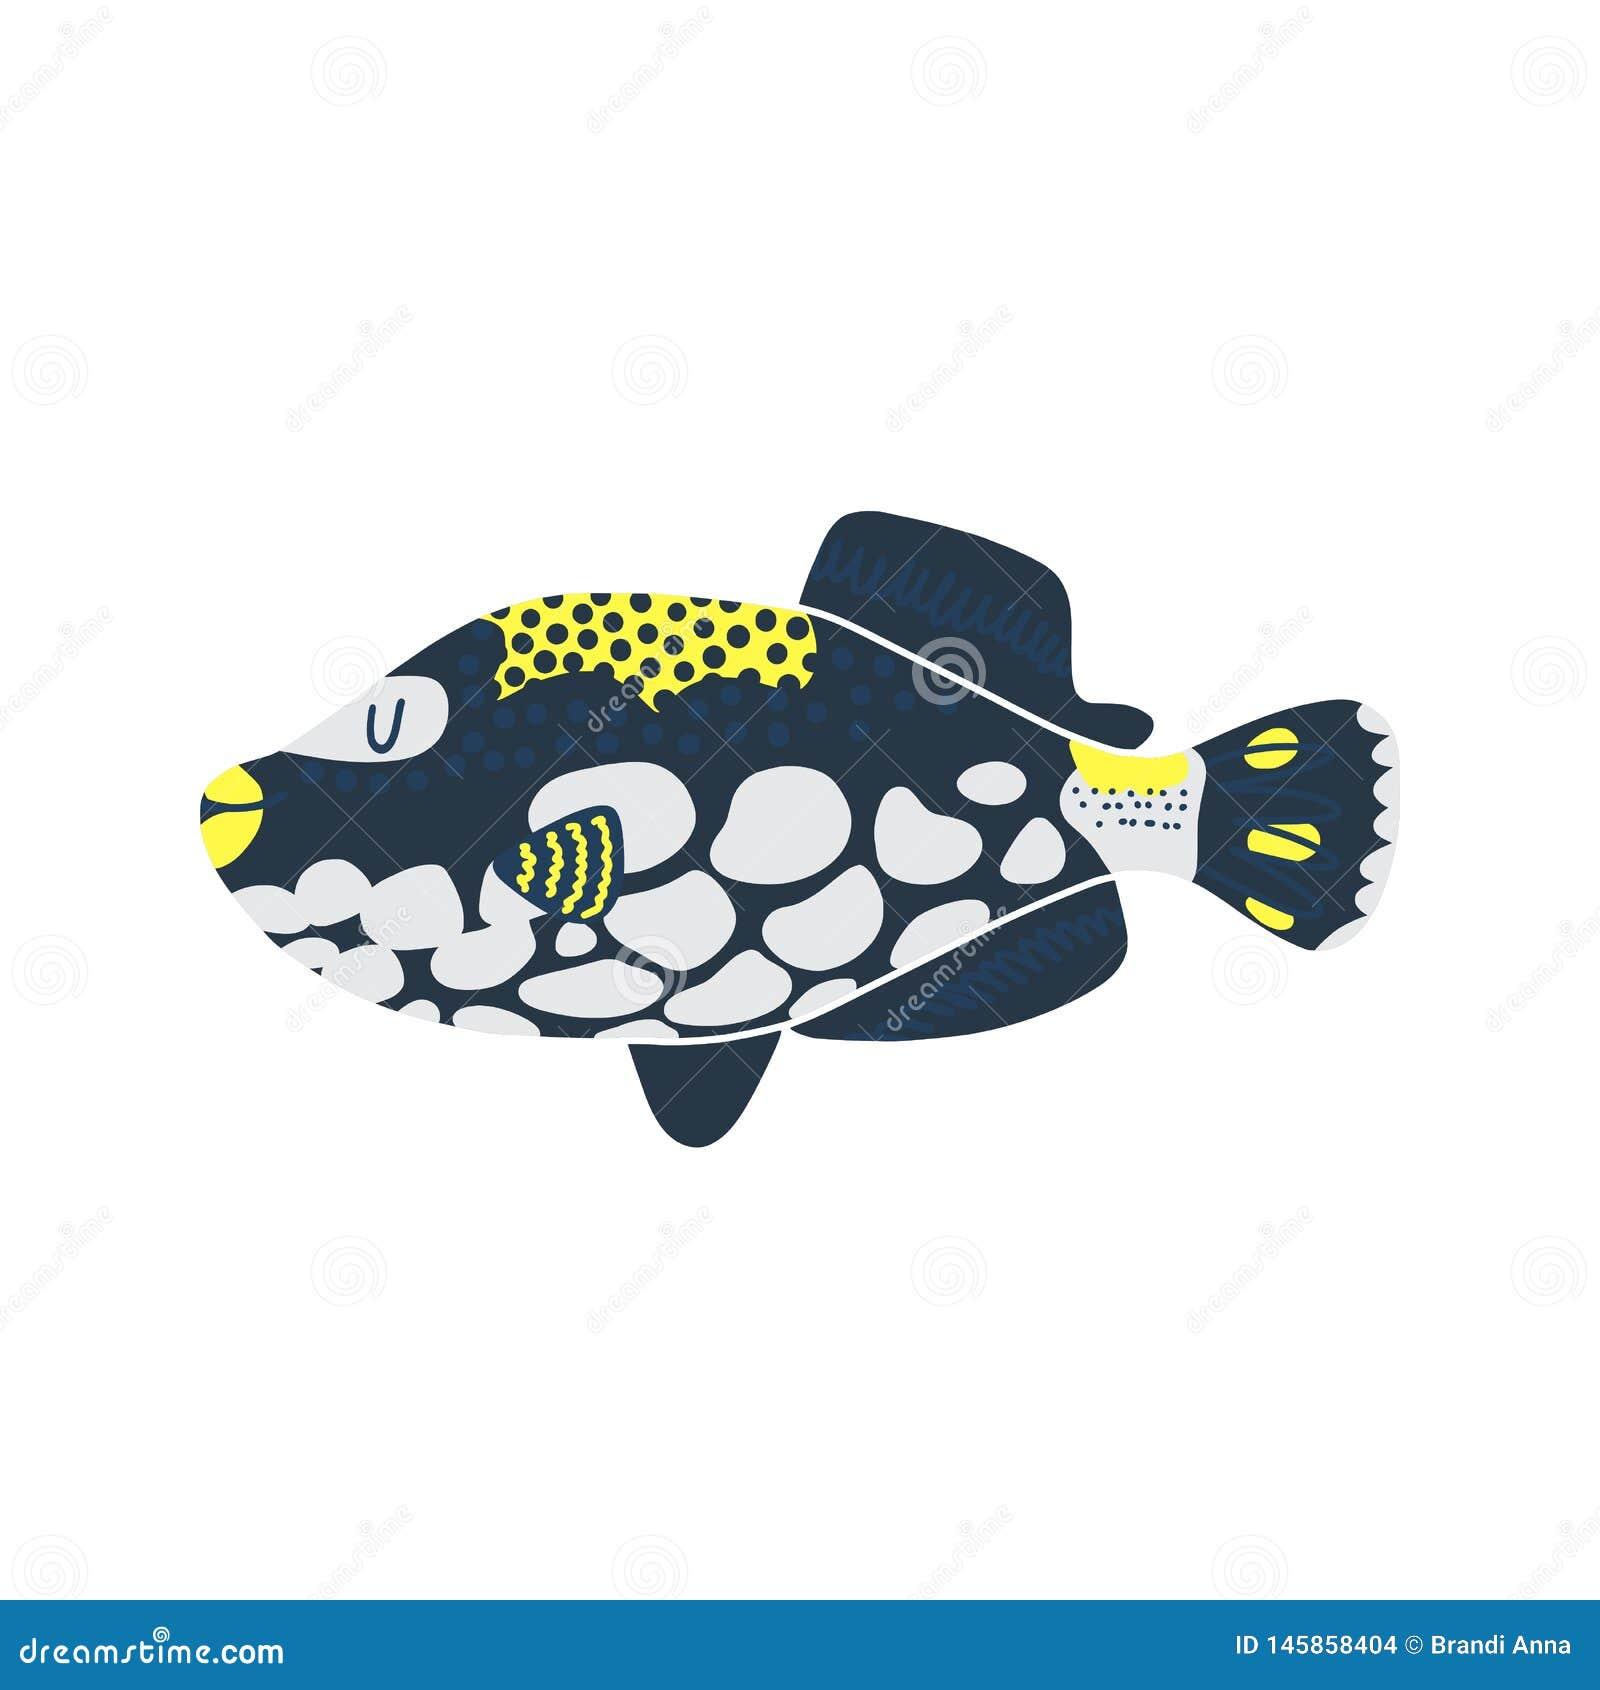 Isolated fish illustration. Set of freshwater aquarium cartoon fishes.